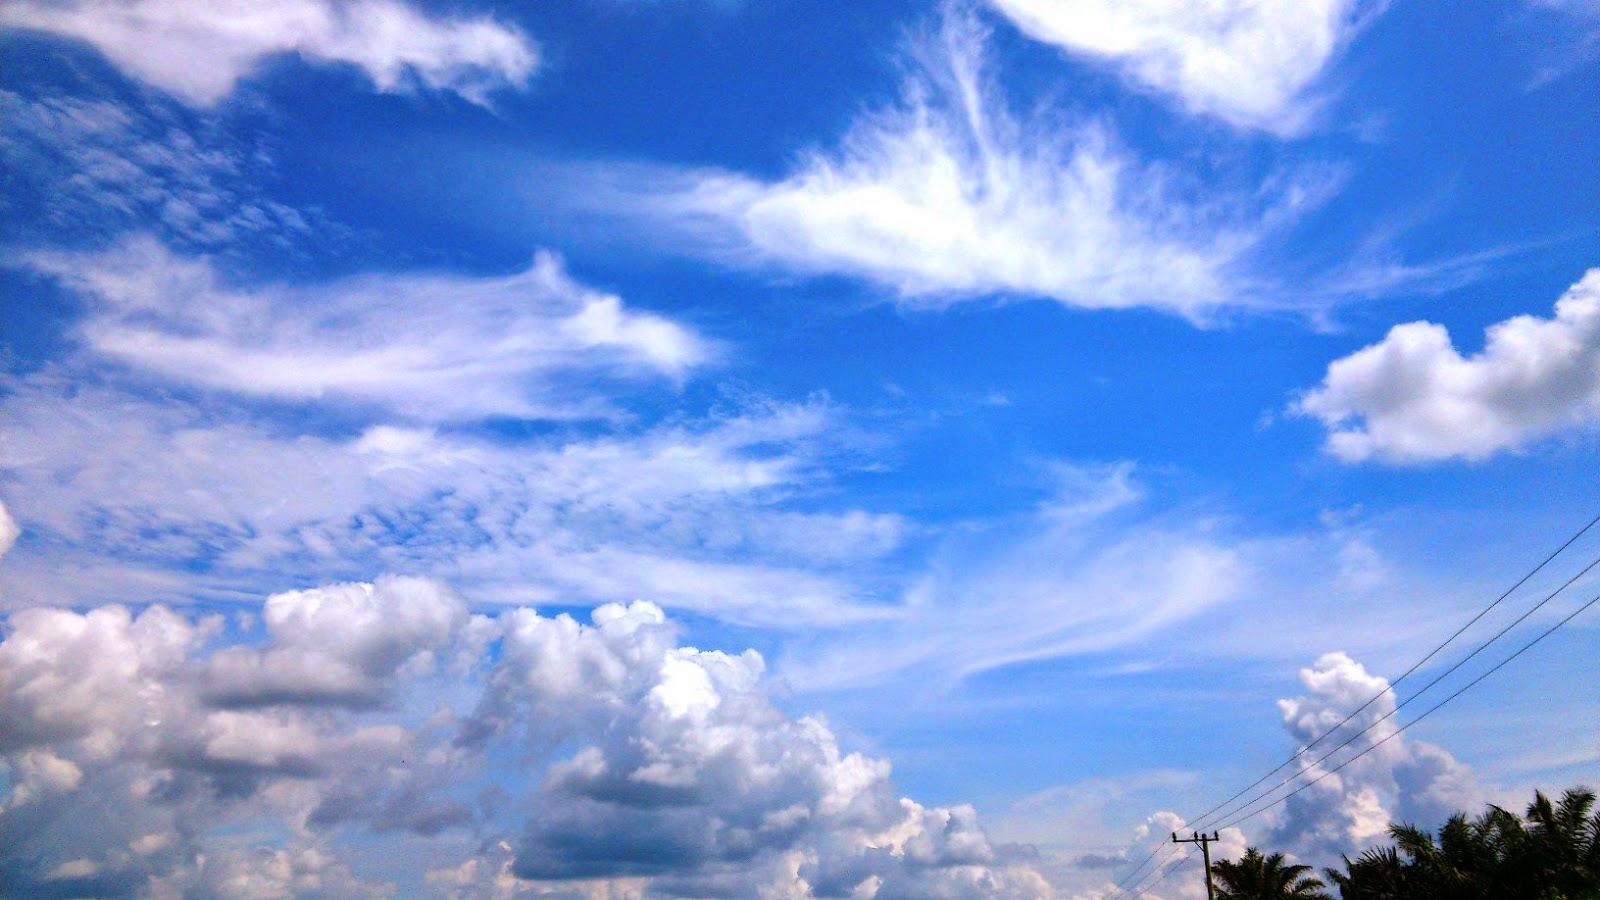 Indah Burung Gambar Begron Langit Wwwtollebildcom